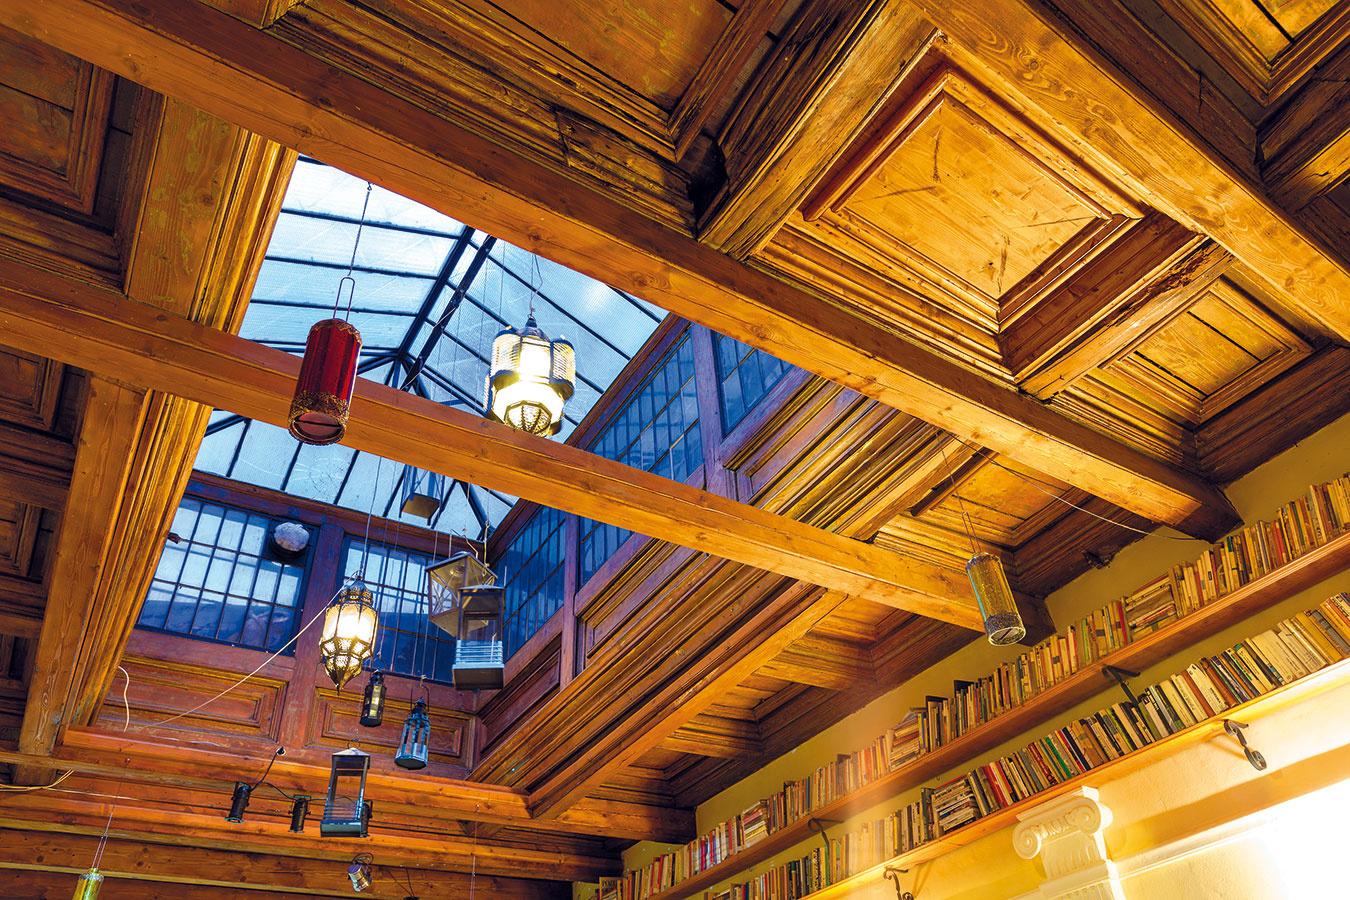 Veľkolepý dobový svetlík sa tu zachoval zčias, keď včasti dnešnej kaviarne fungovala krajčírska dielňa. Jeho unikátnosť ešte viac podčiarkuje precízne orámovanie adekorovanie drevenými prvkami. Zo svetlíka visia rôzne lampáše, ktoré priestor ozvláštňujú azútulňujú.